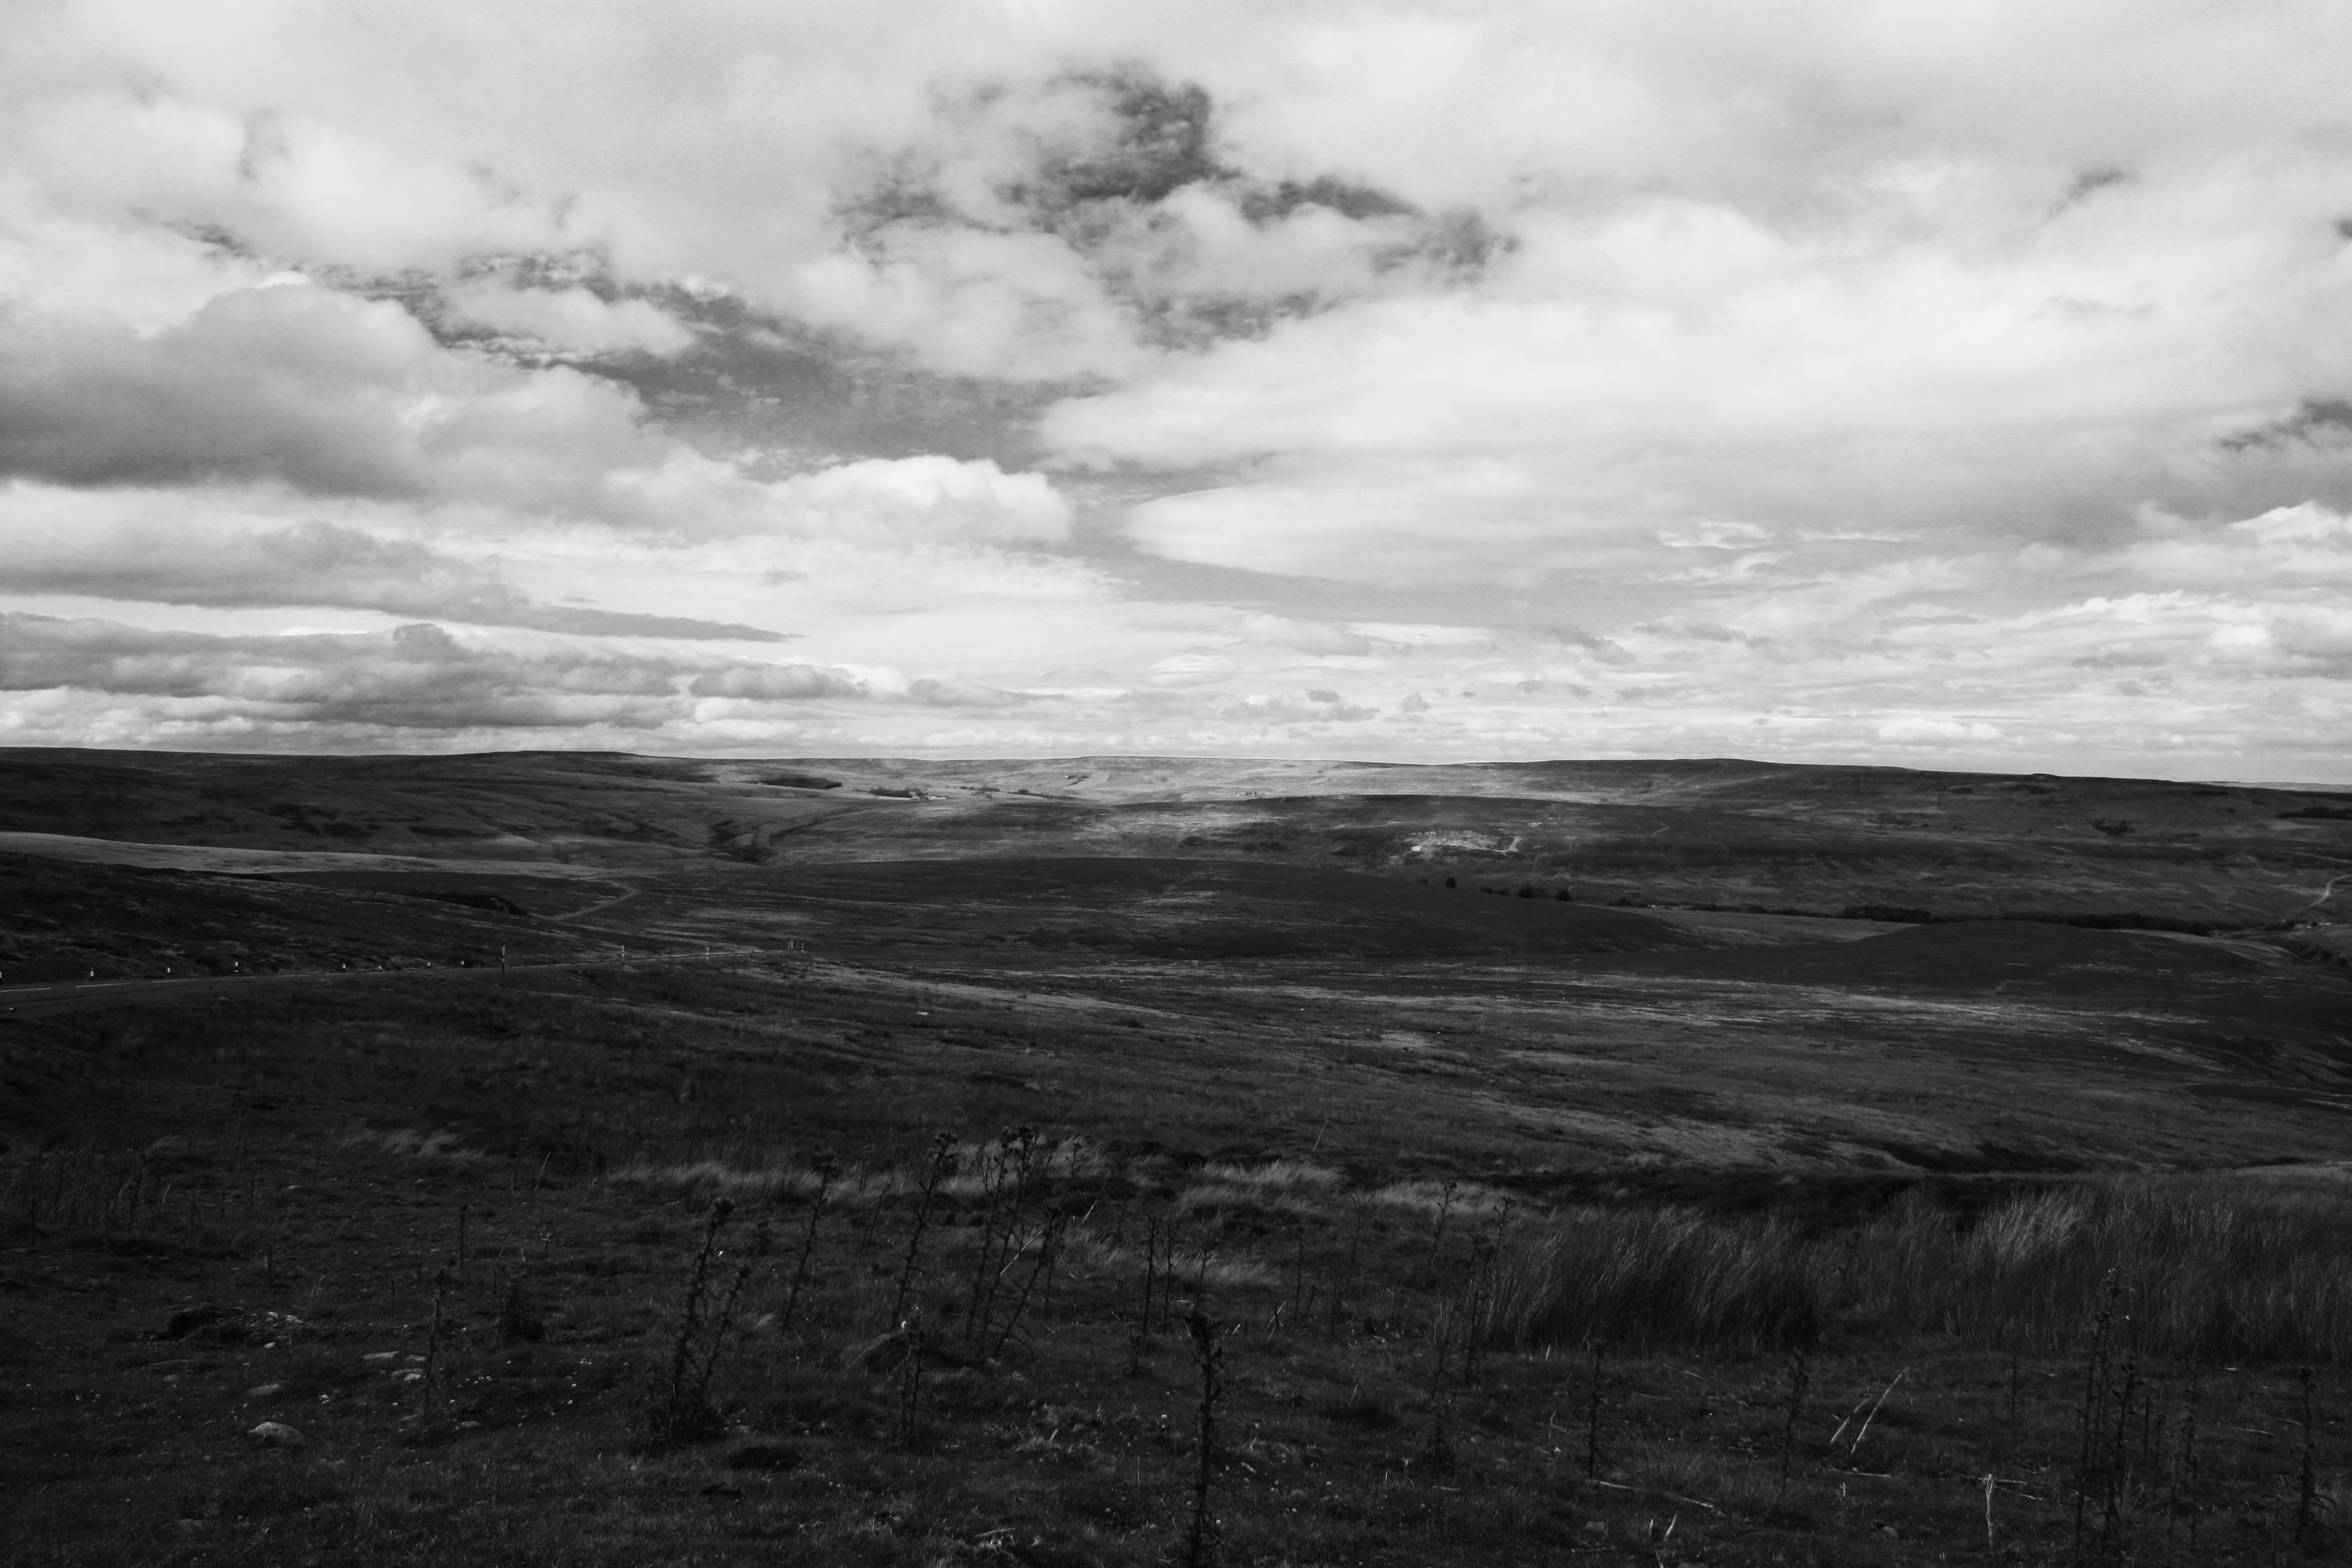 Landscape Laments & Incantations